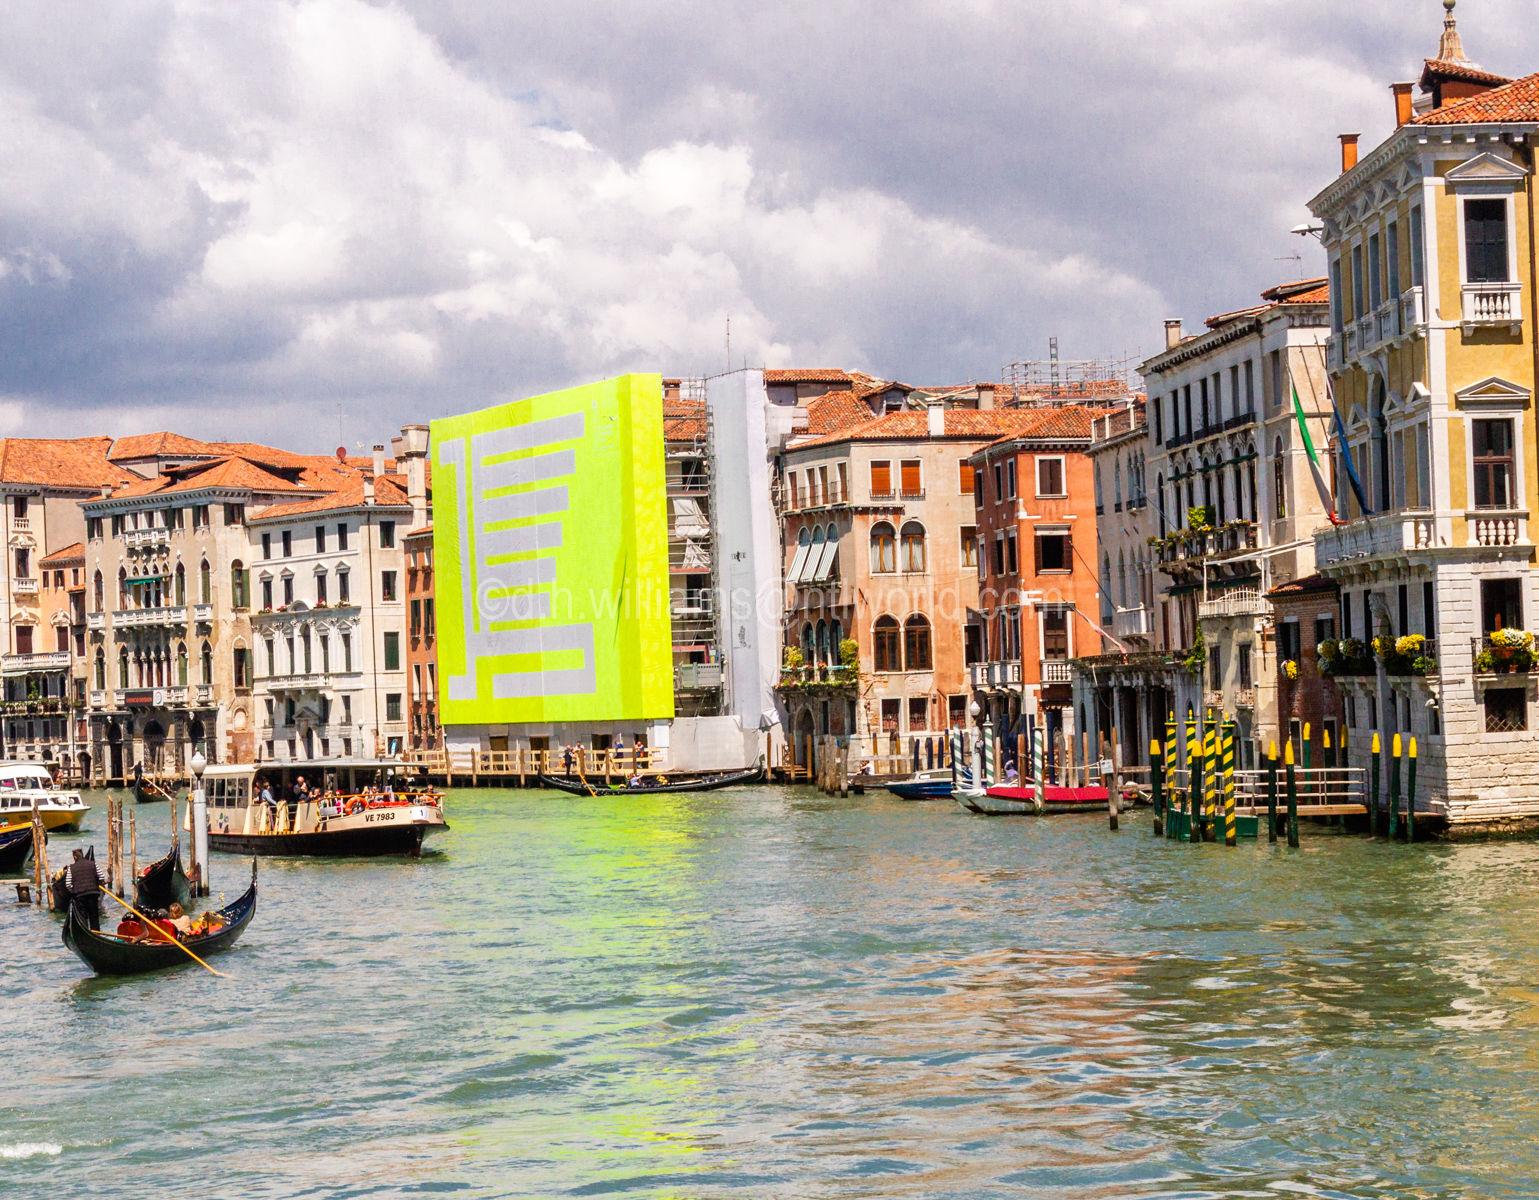 Venice Italy 2019 1540